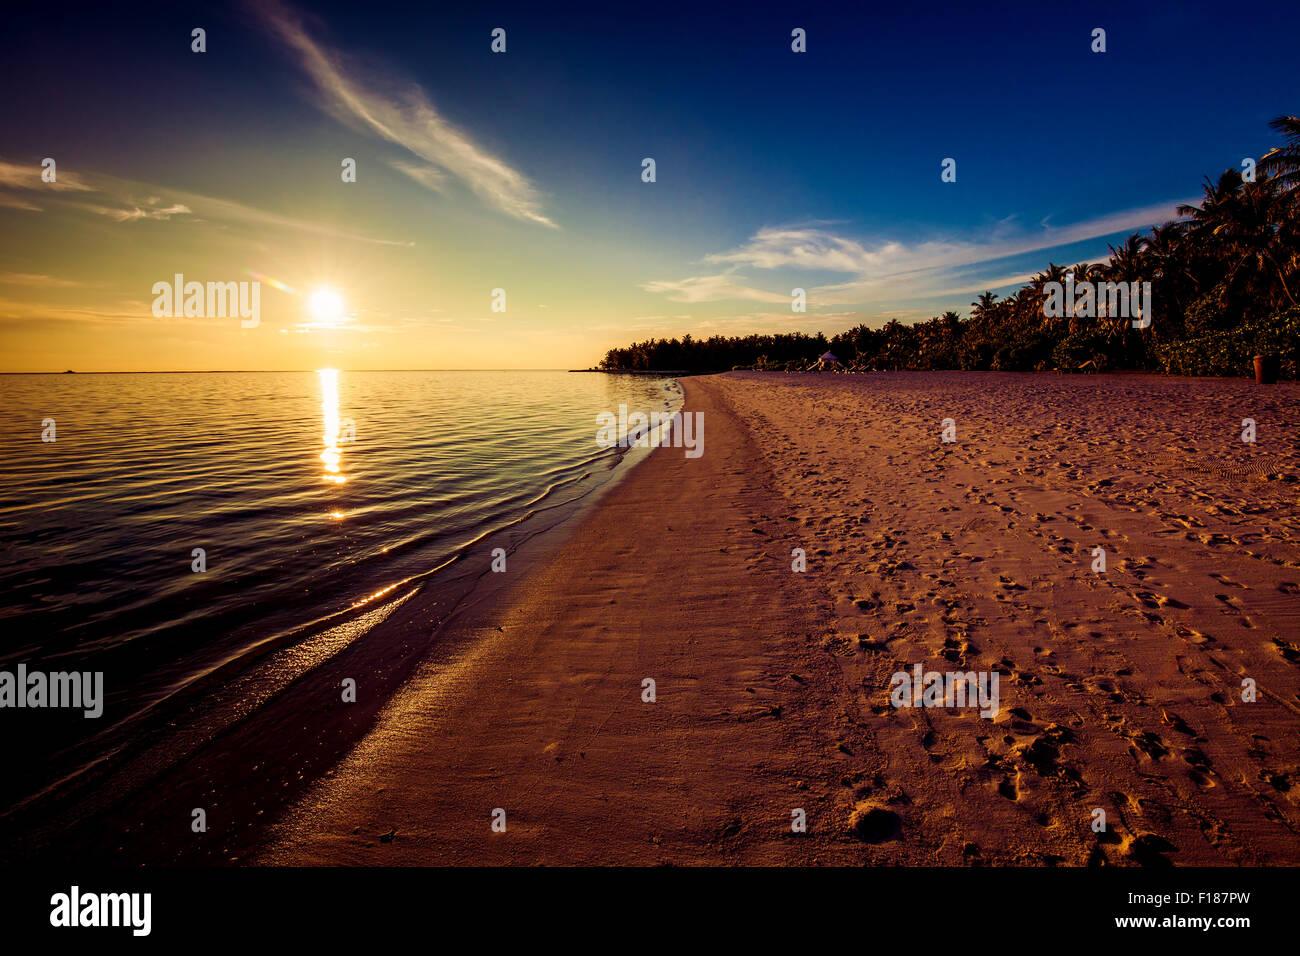 Empreintes de pas sur la plage au coucher du soleil tropical avec Sun sur l'océan Photo Stock